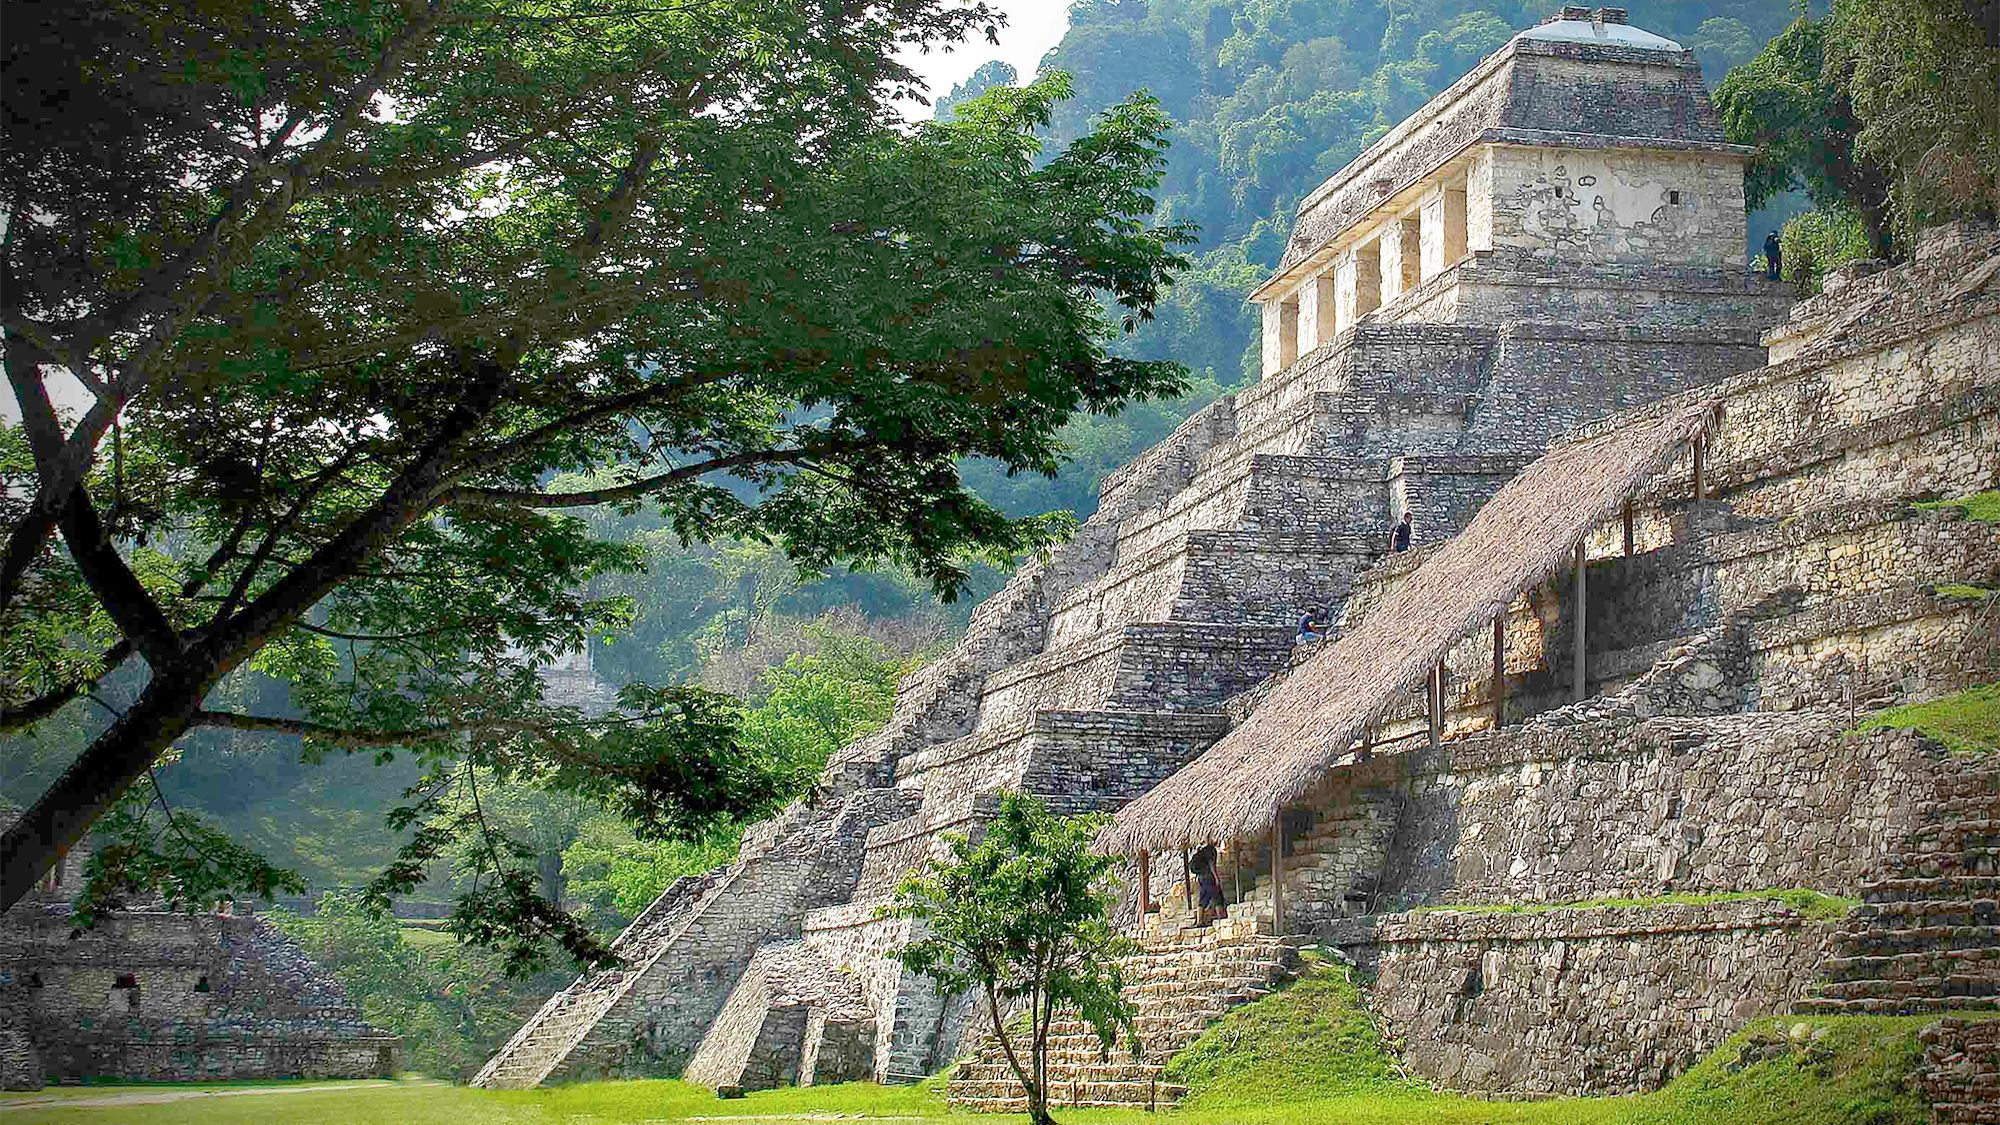 Close view of El Castillo, Chichen Itza in Mexico